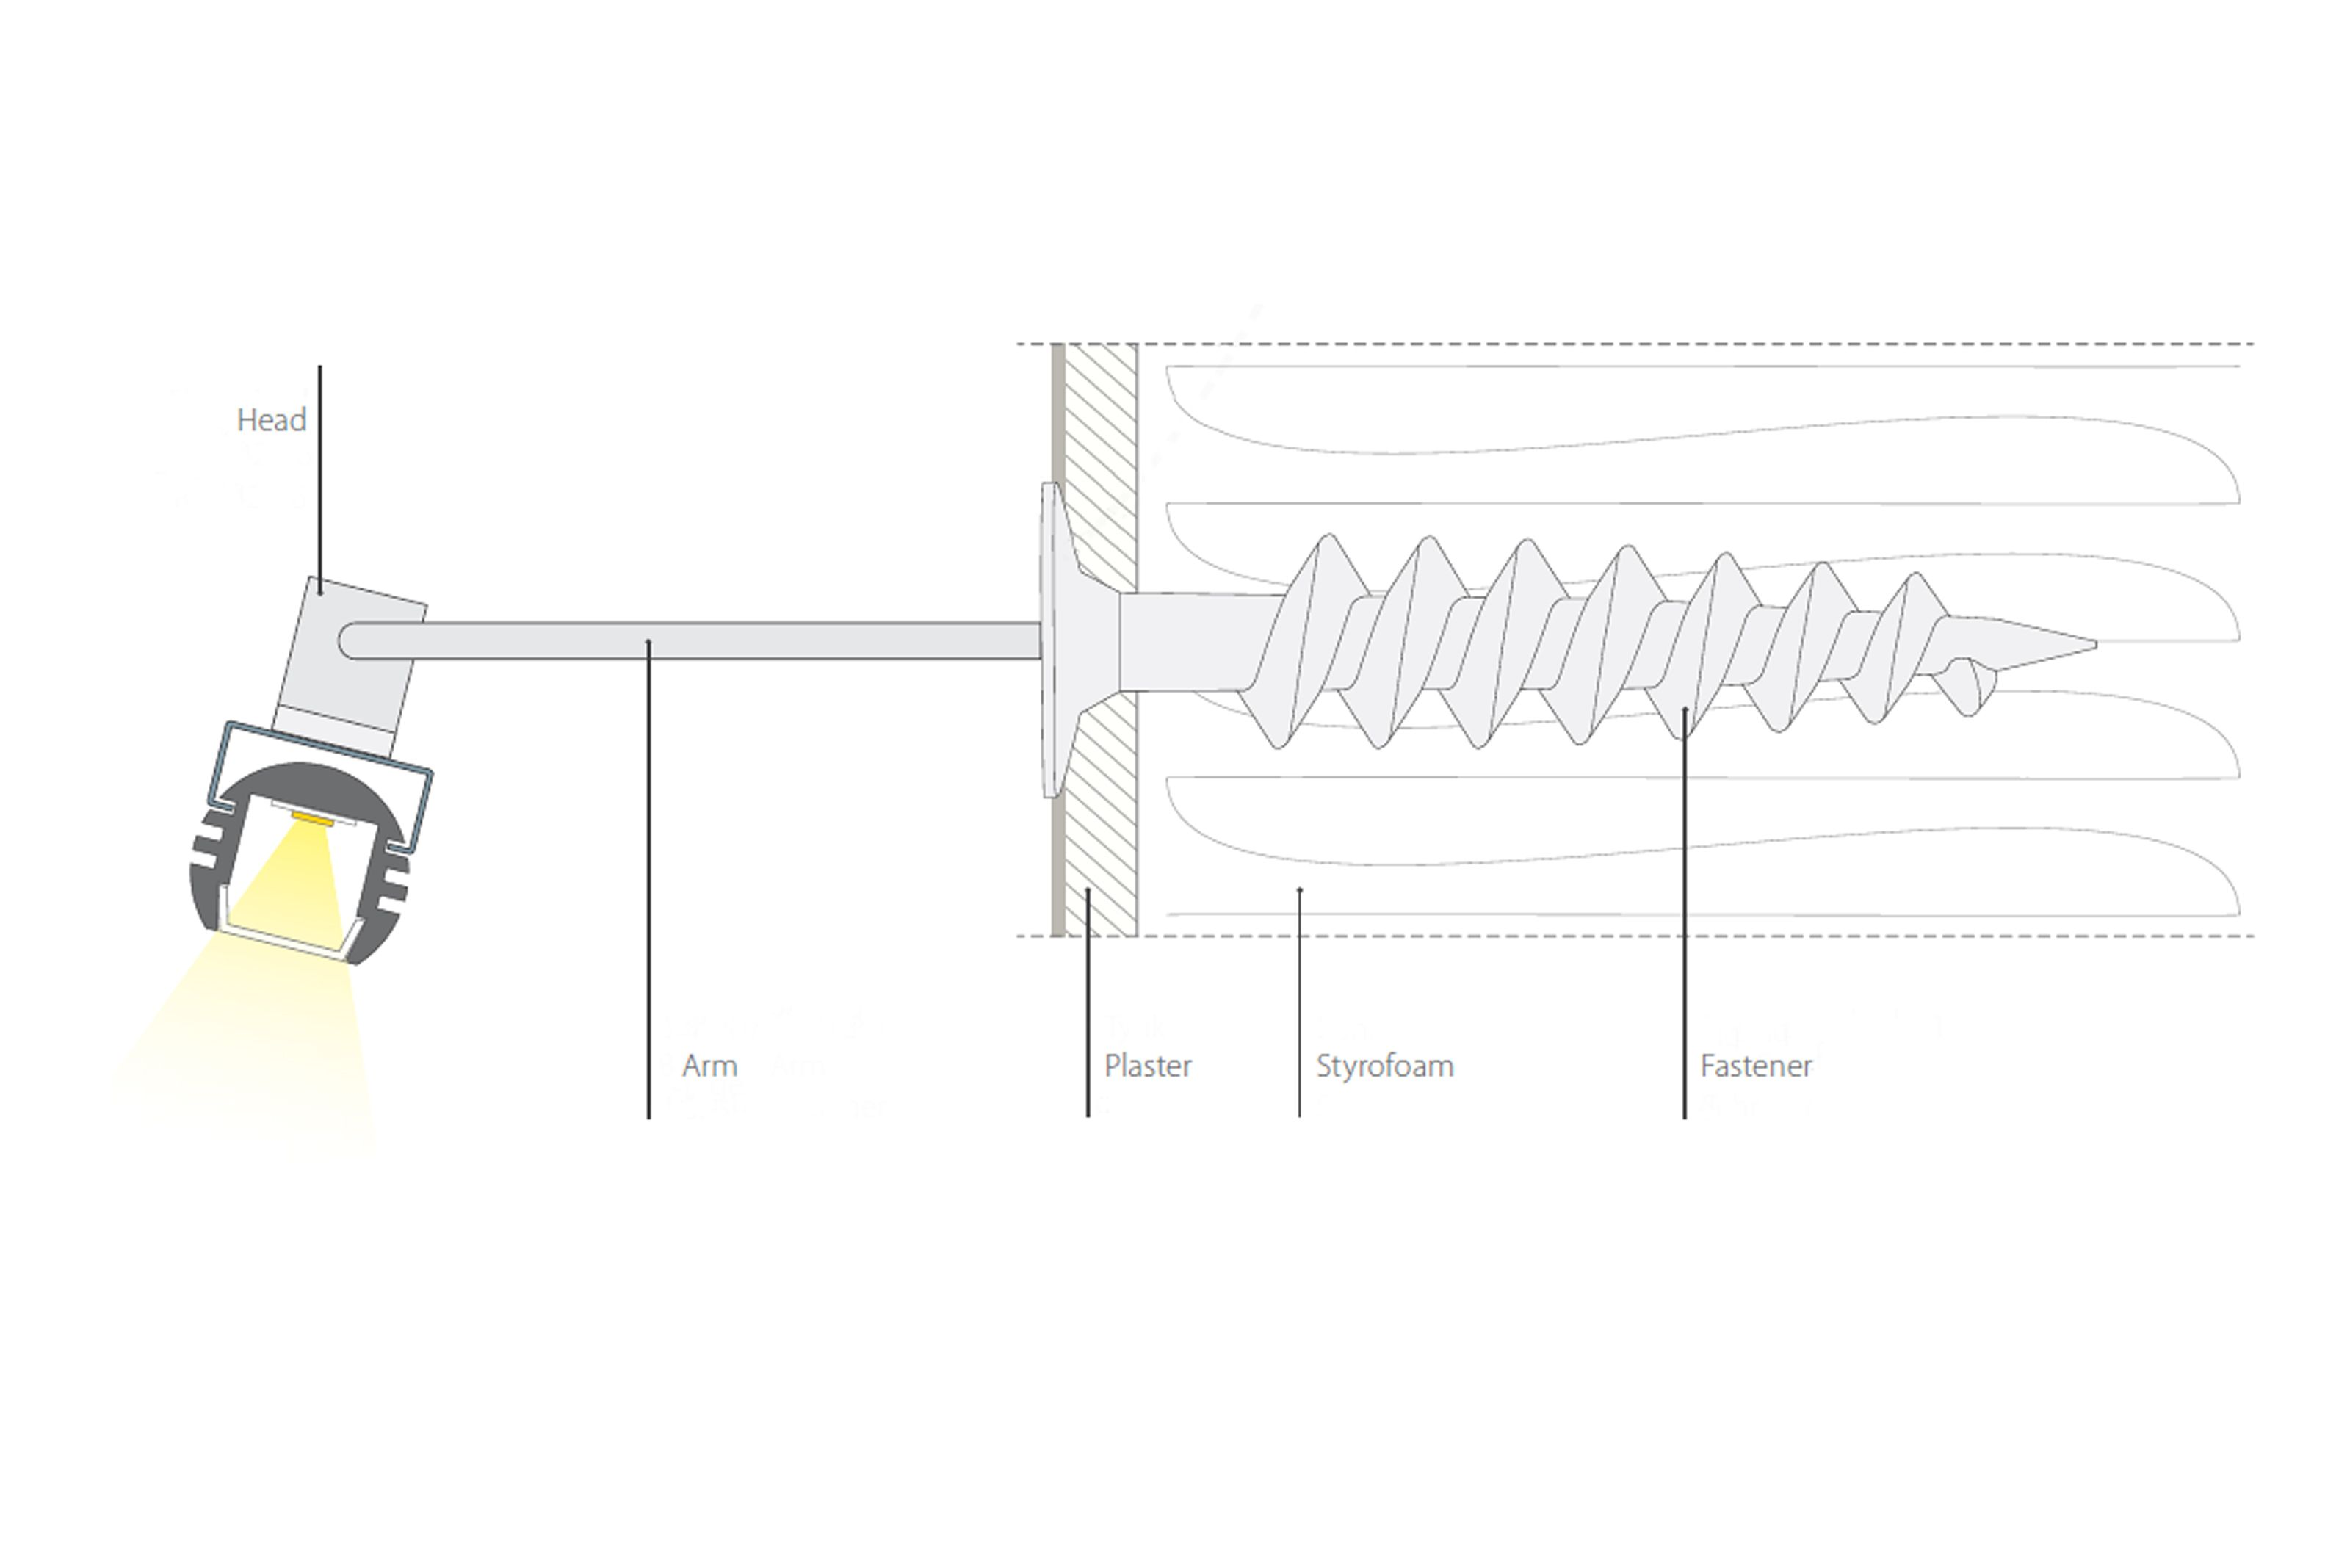 lightline-pipe-3-mj-lighting-2